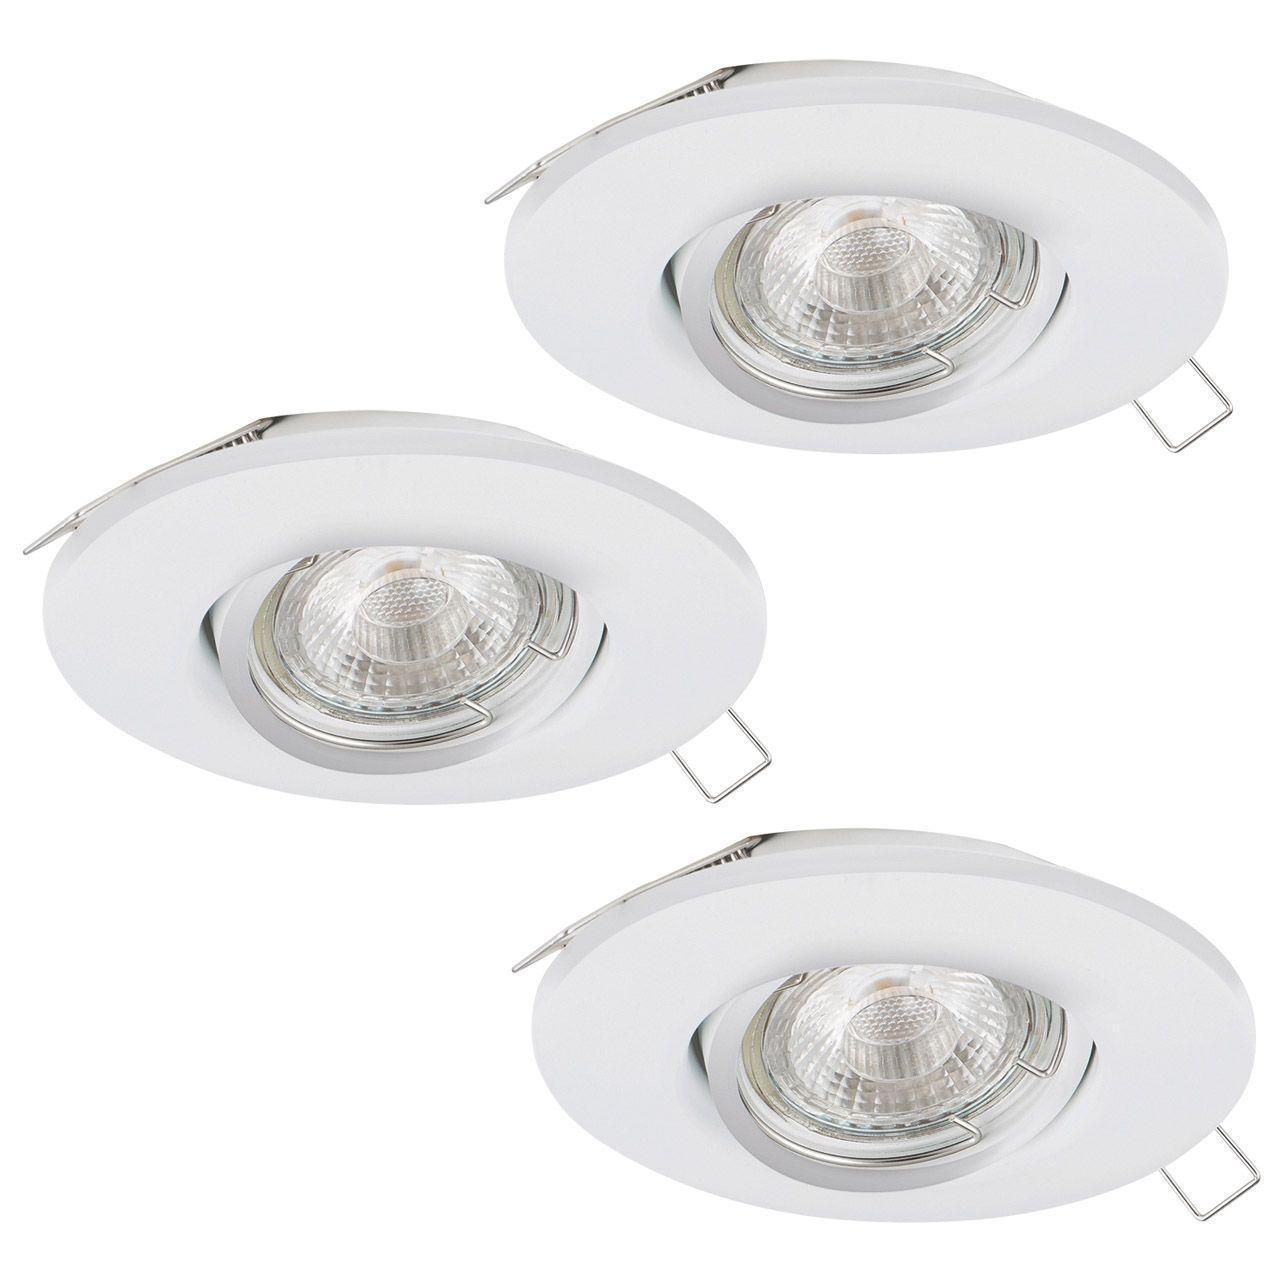 Встраиваемый светодиодный светильник Eglo Peneto 1 95895 встраиваемый светодиодный светильник eglo peneto 1 95898